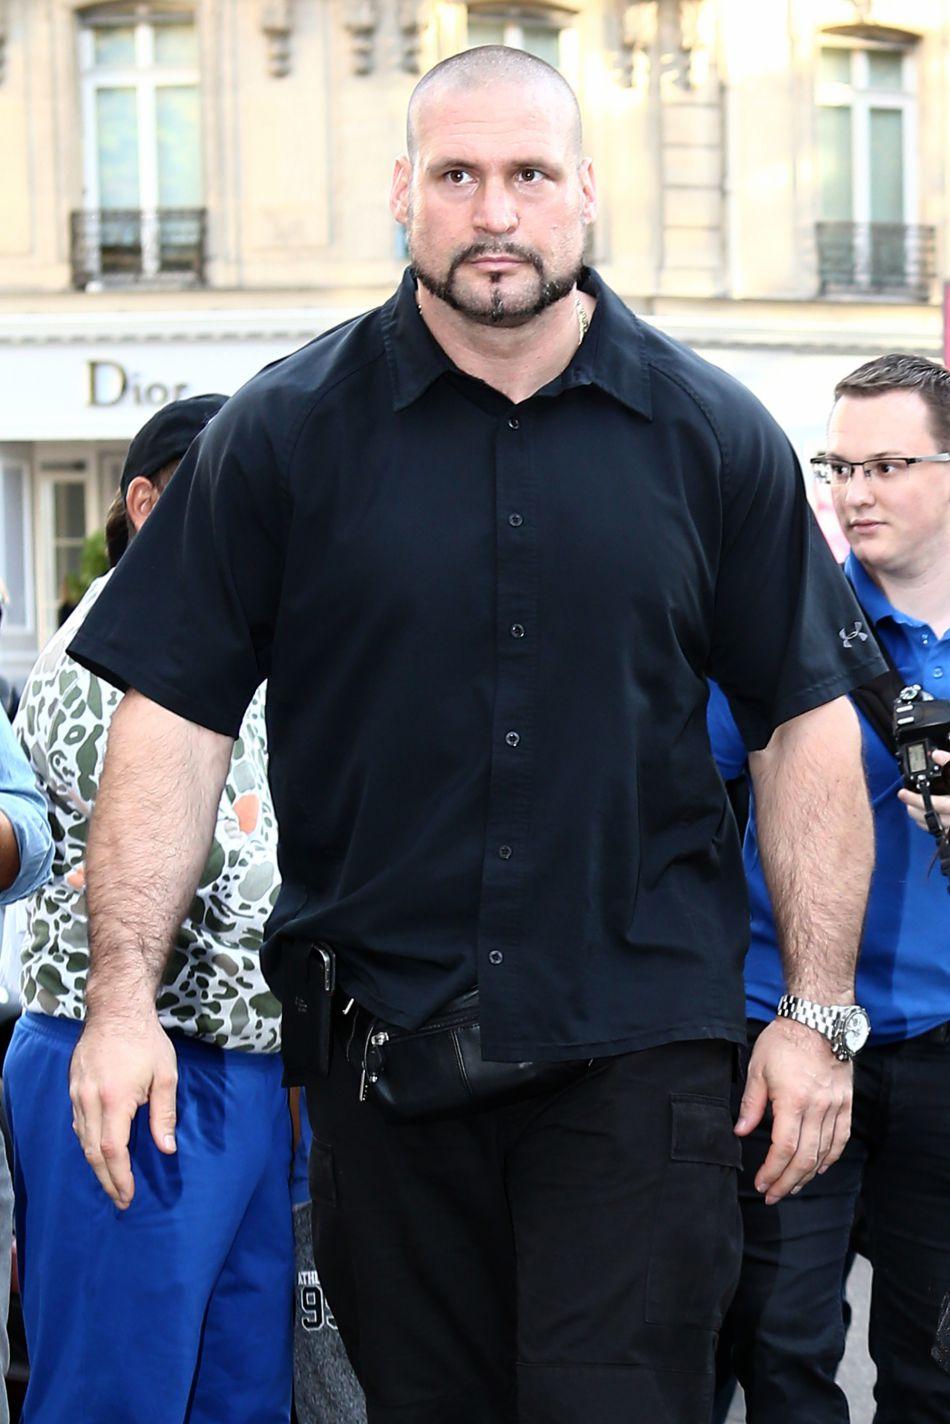 Pascal Duvier, le garde du corps de Kim Kardashian, promet de retrouver ceux qui ont agressé sa cliente.